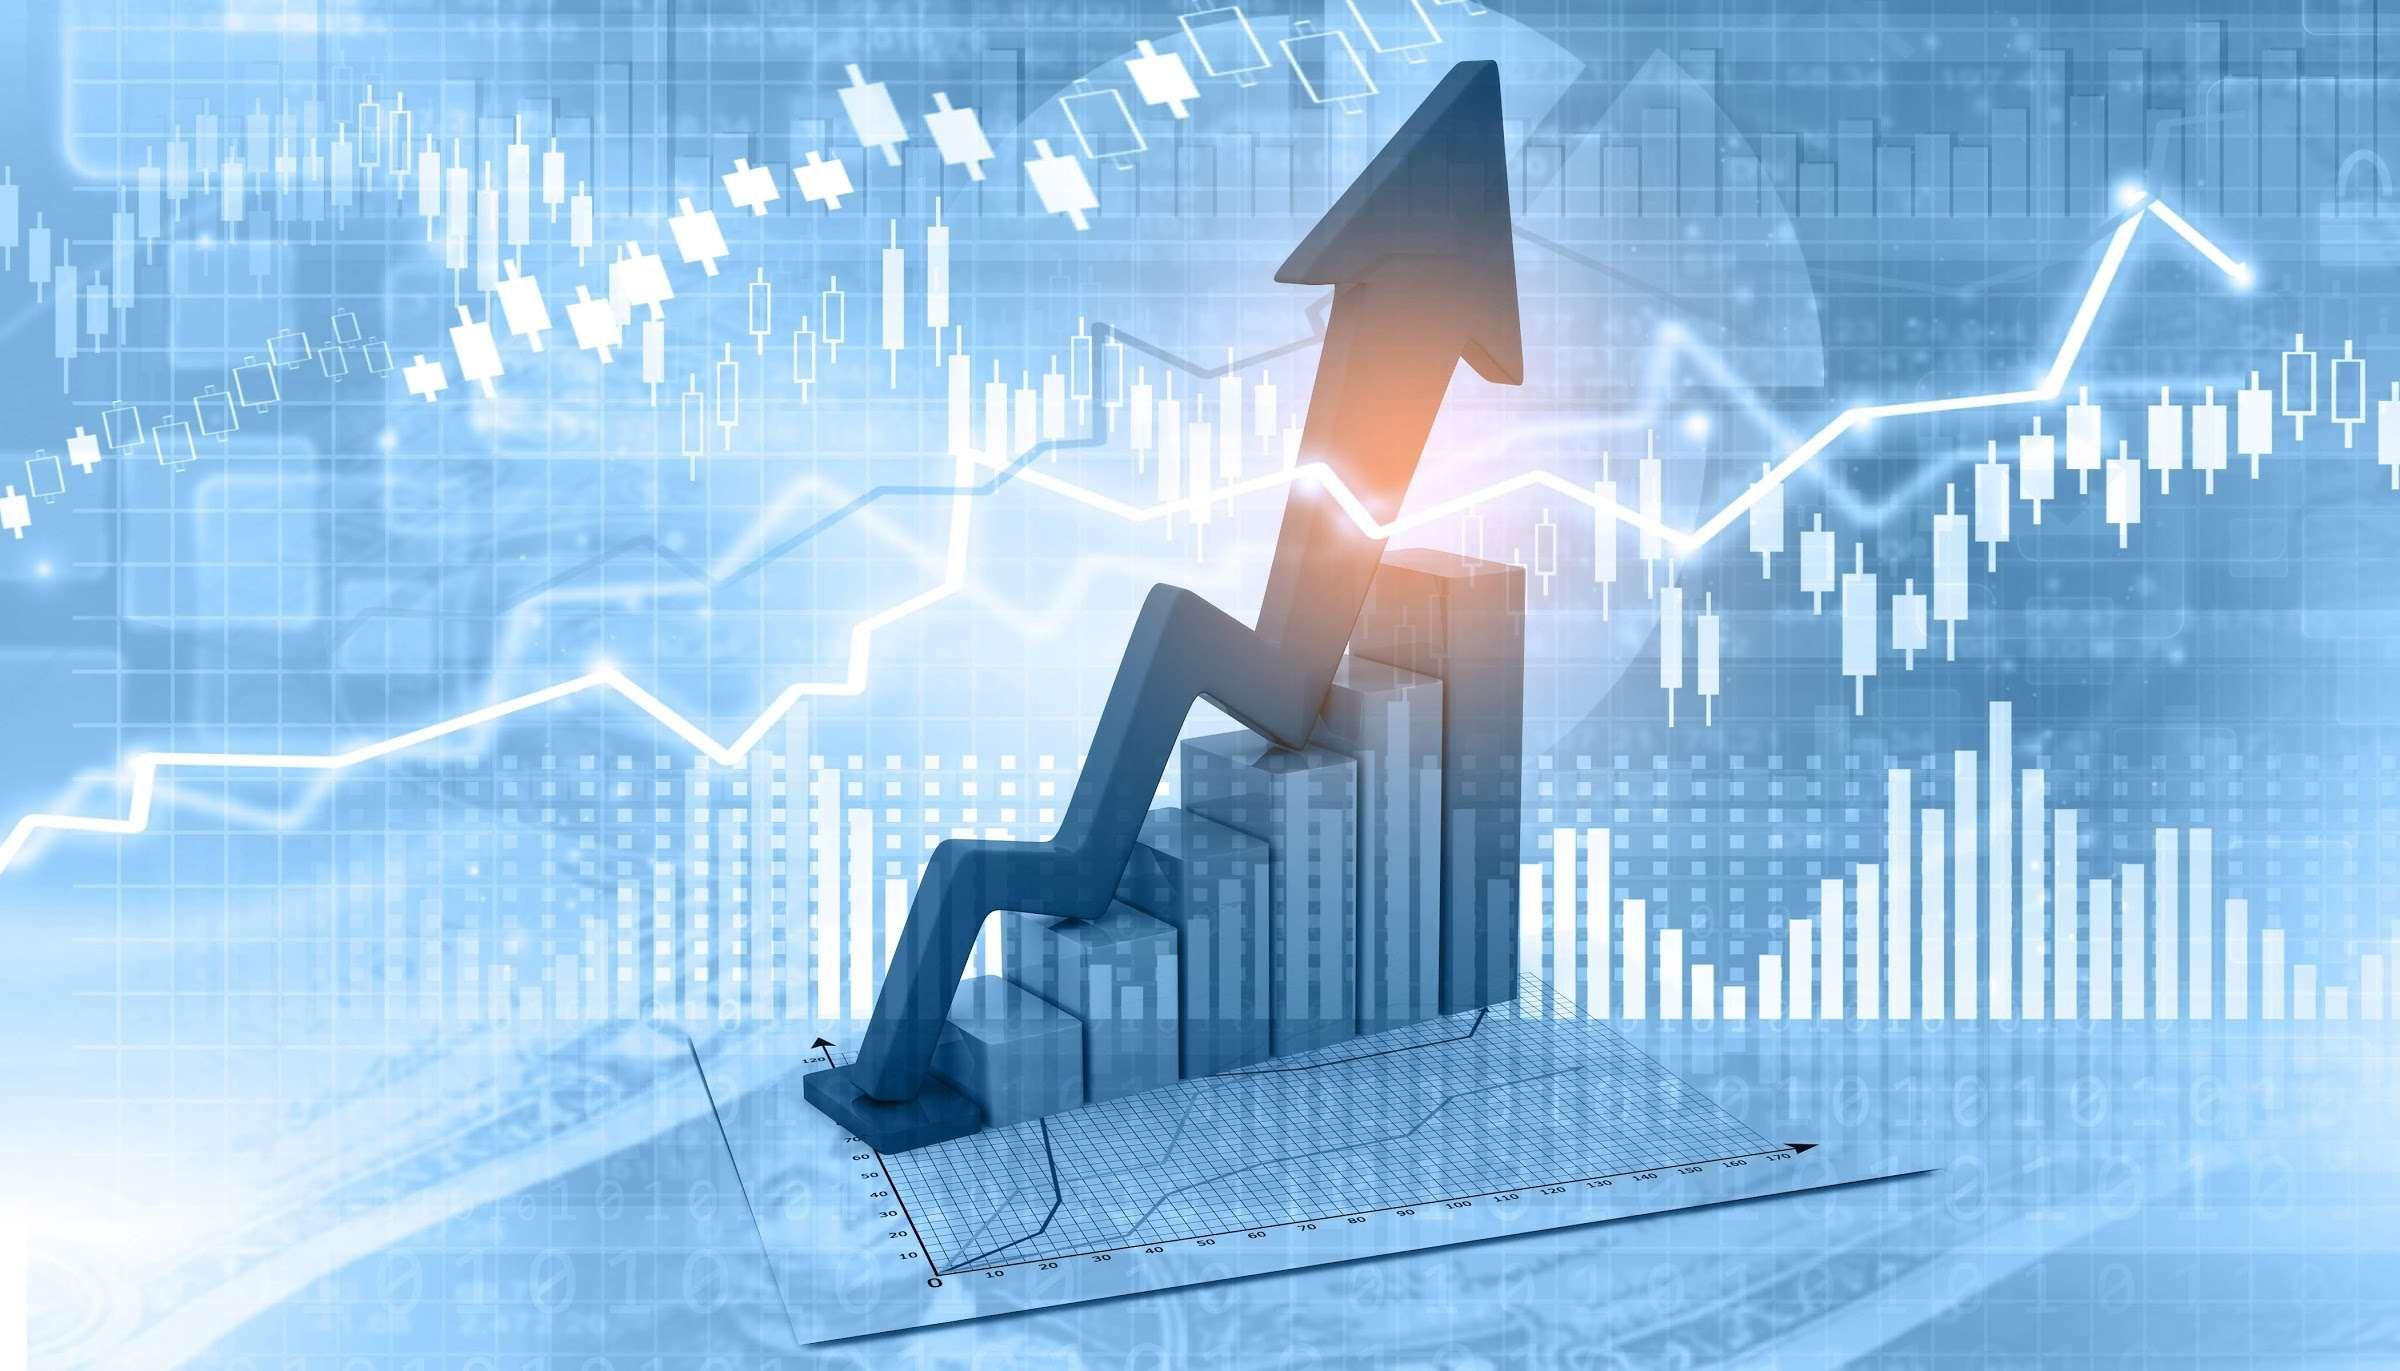 Septiembre está lleno de oportunidades para los emprendedores, según Avecenter